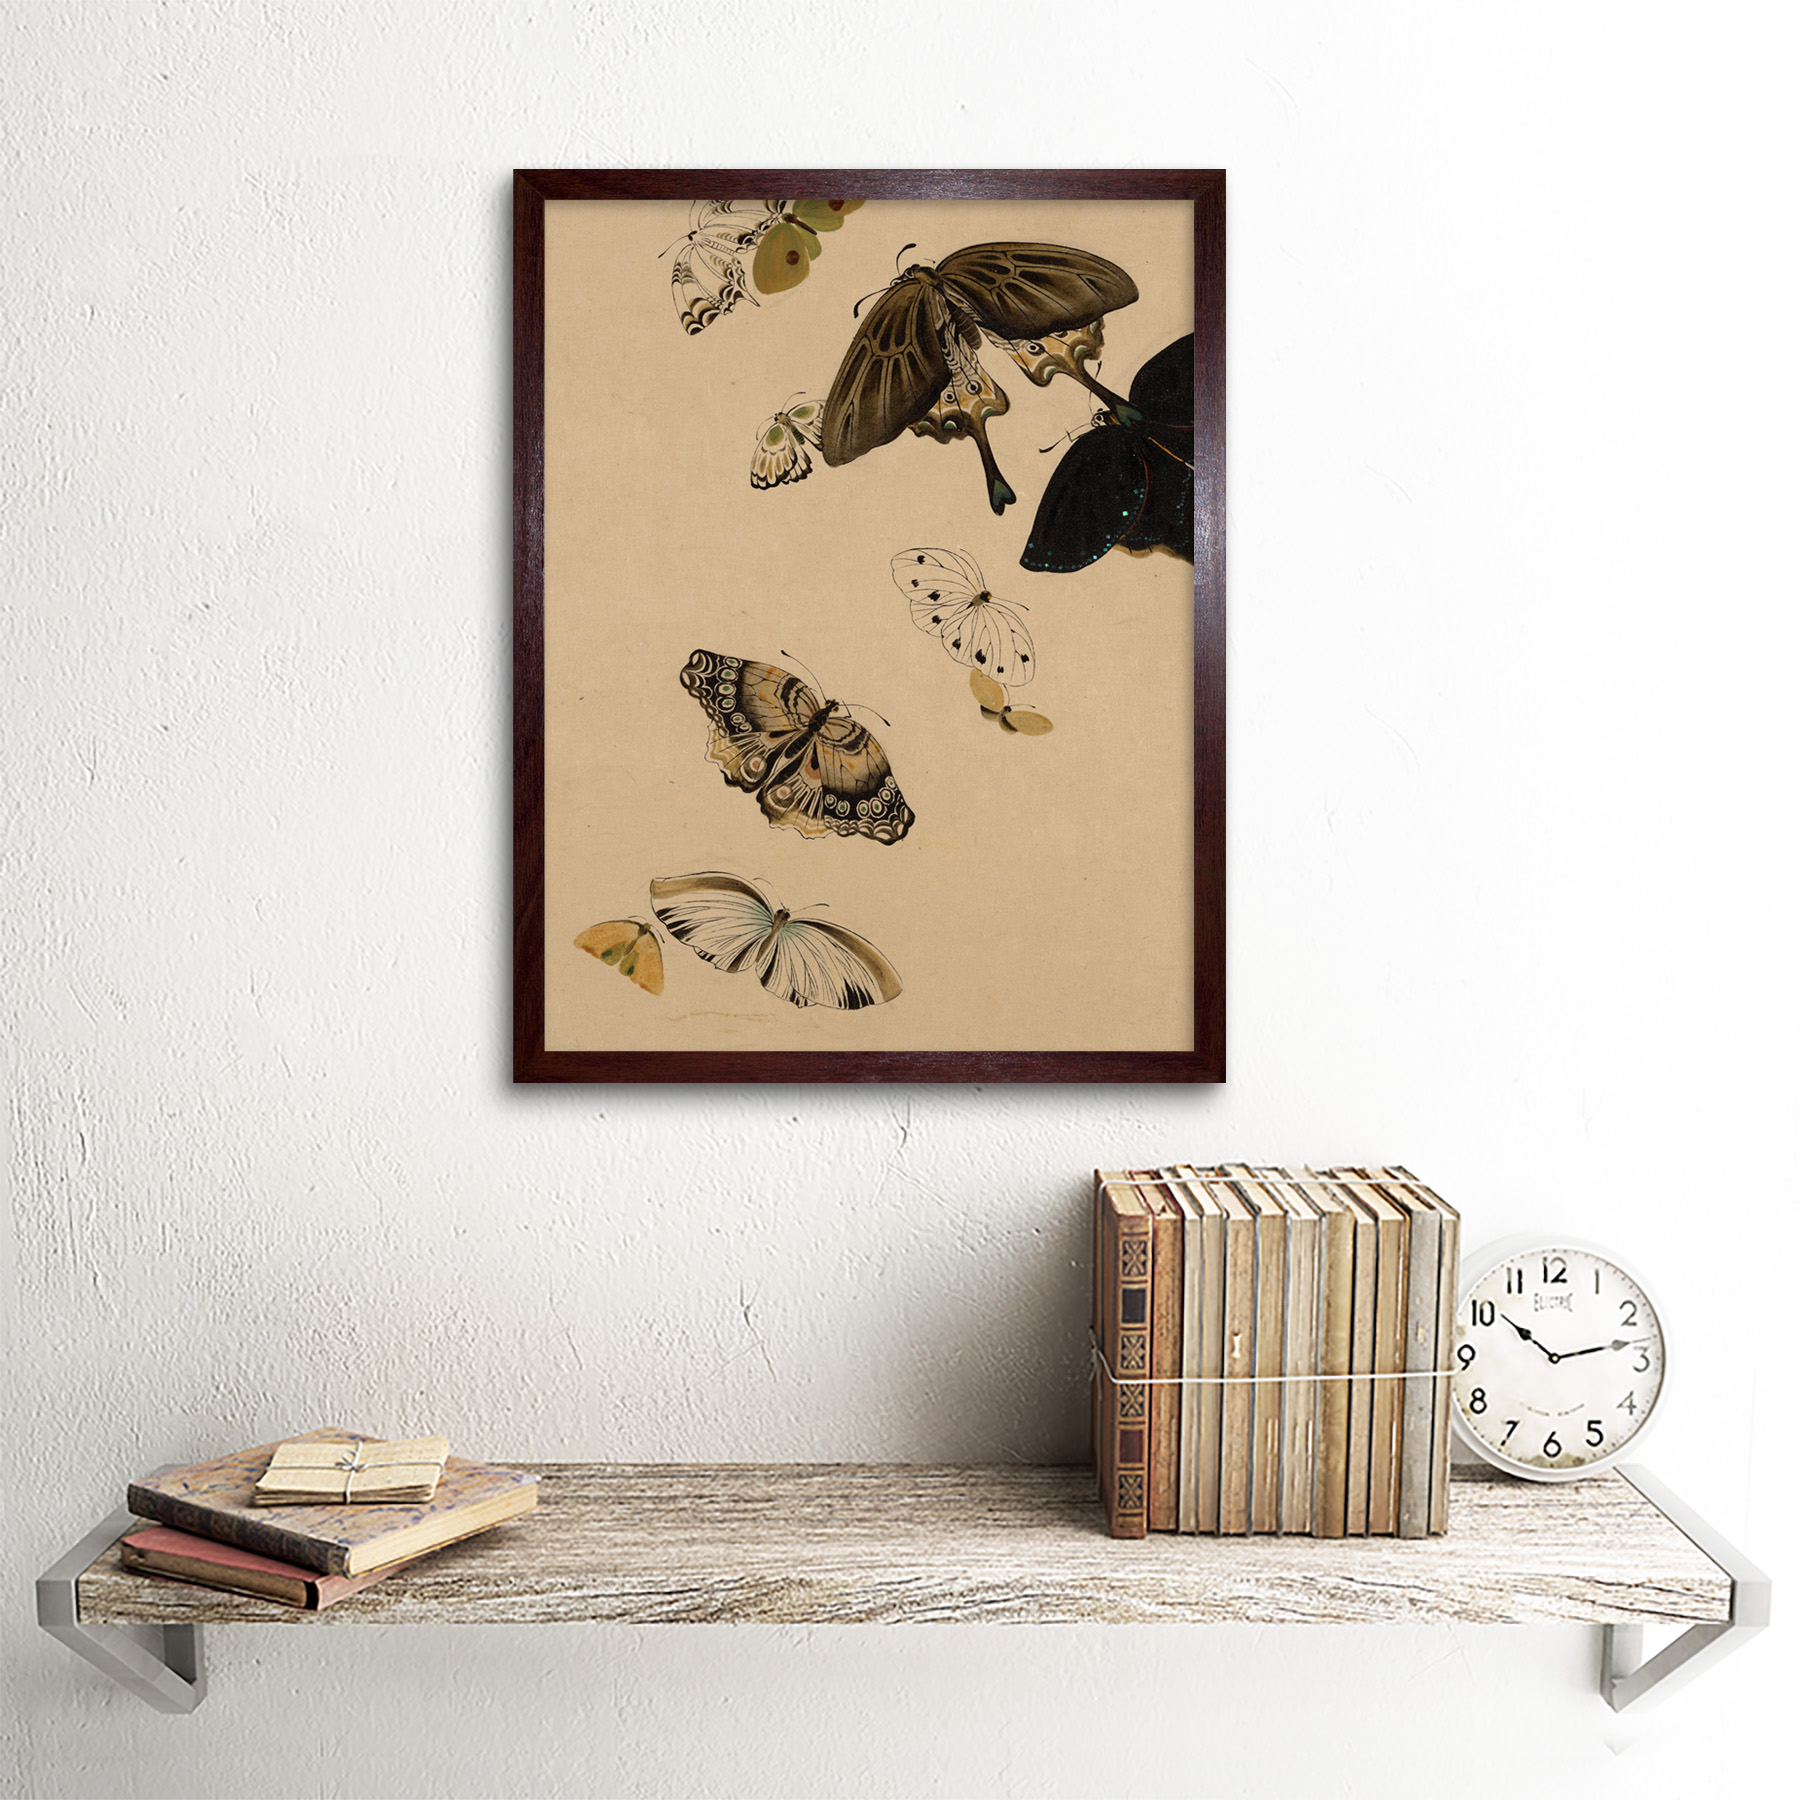 Zeshin-Butterflies-Japanese-Laquer-Painting-Wall-Art-Print-Framed-12x16 thumbnail 8